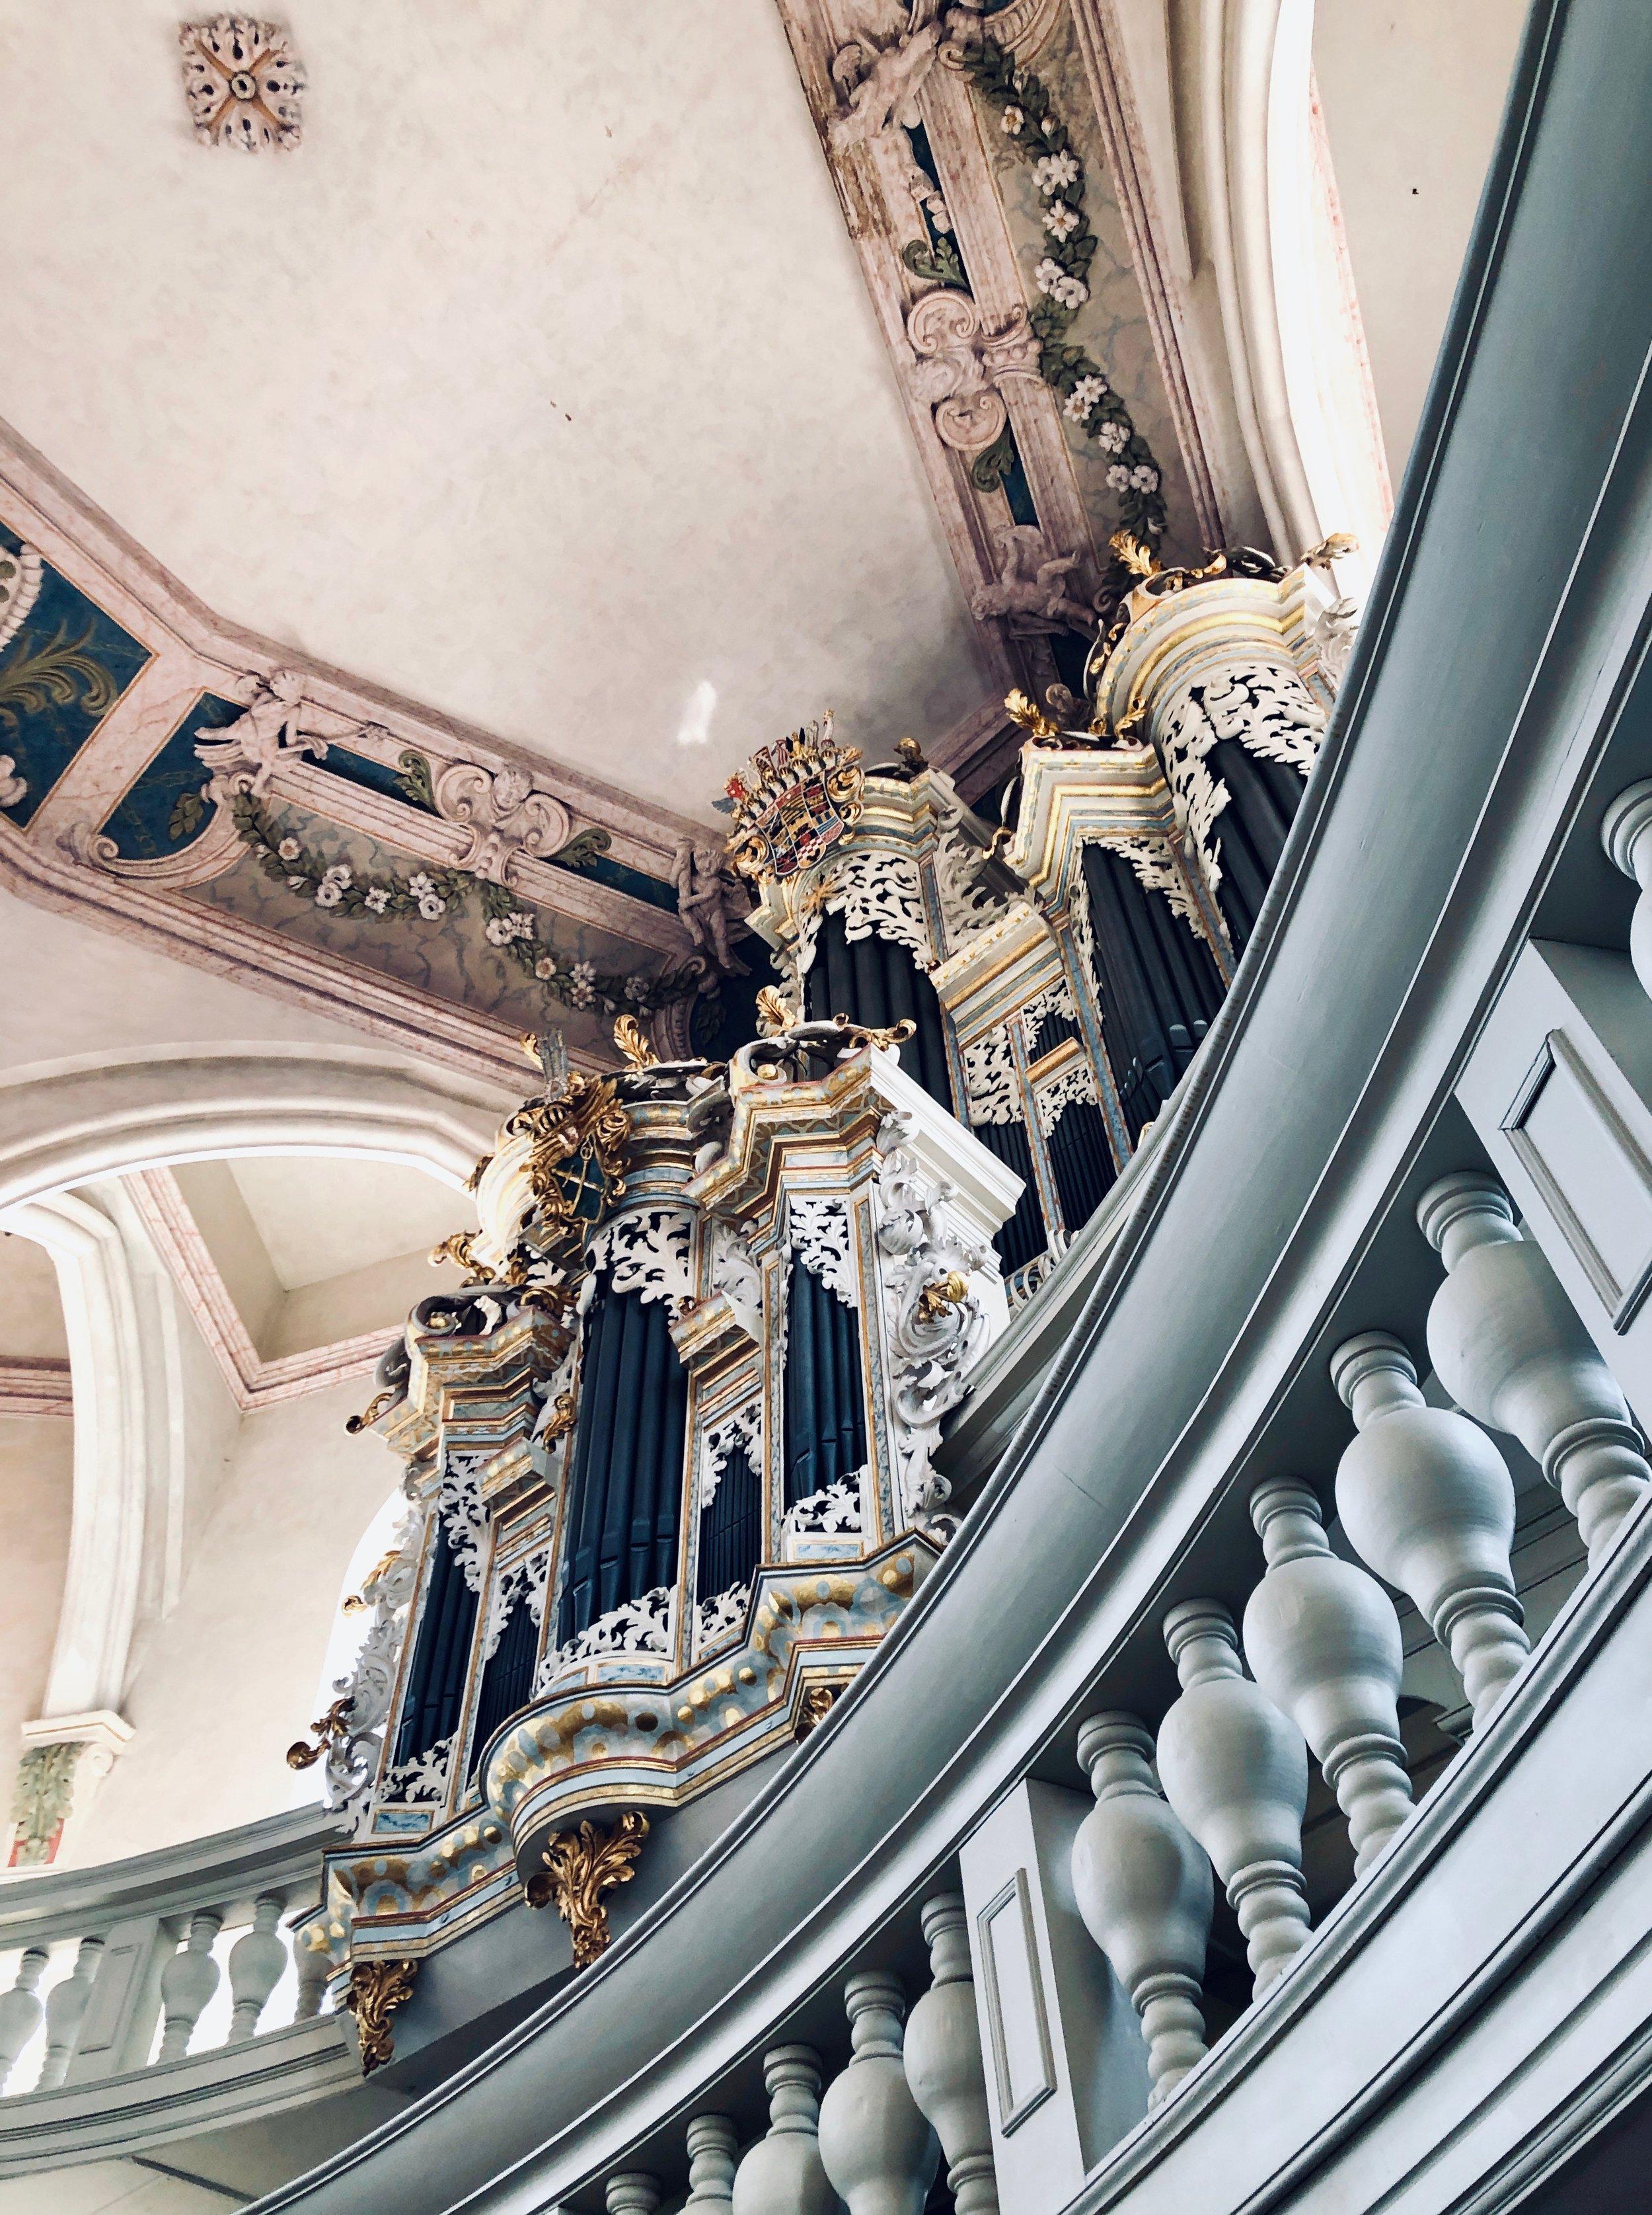 1746 Hildebrandt Organ, Stadtkirche St. Wenzel, Naumburg.